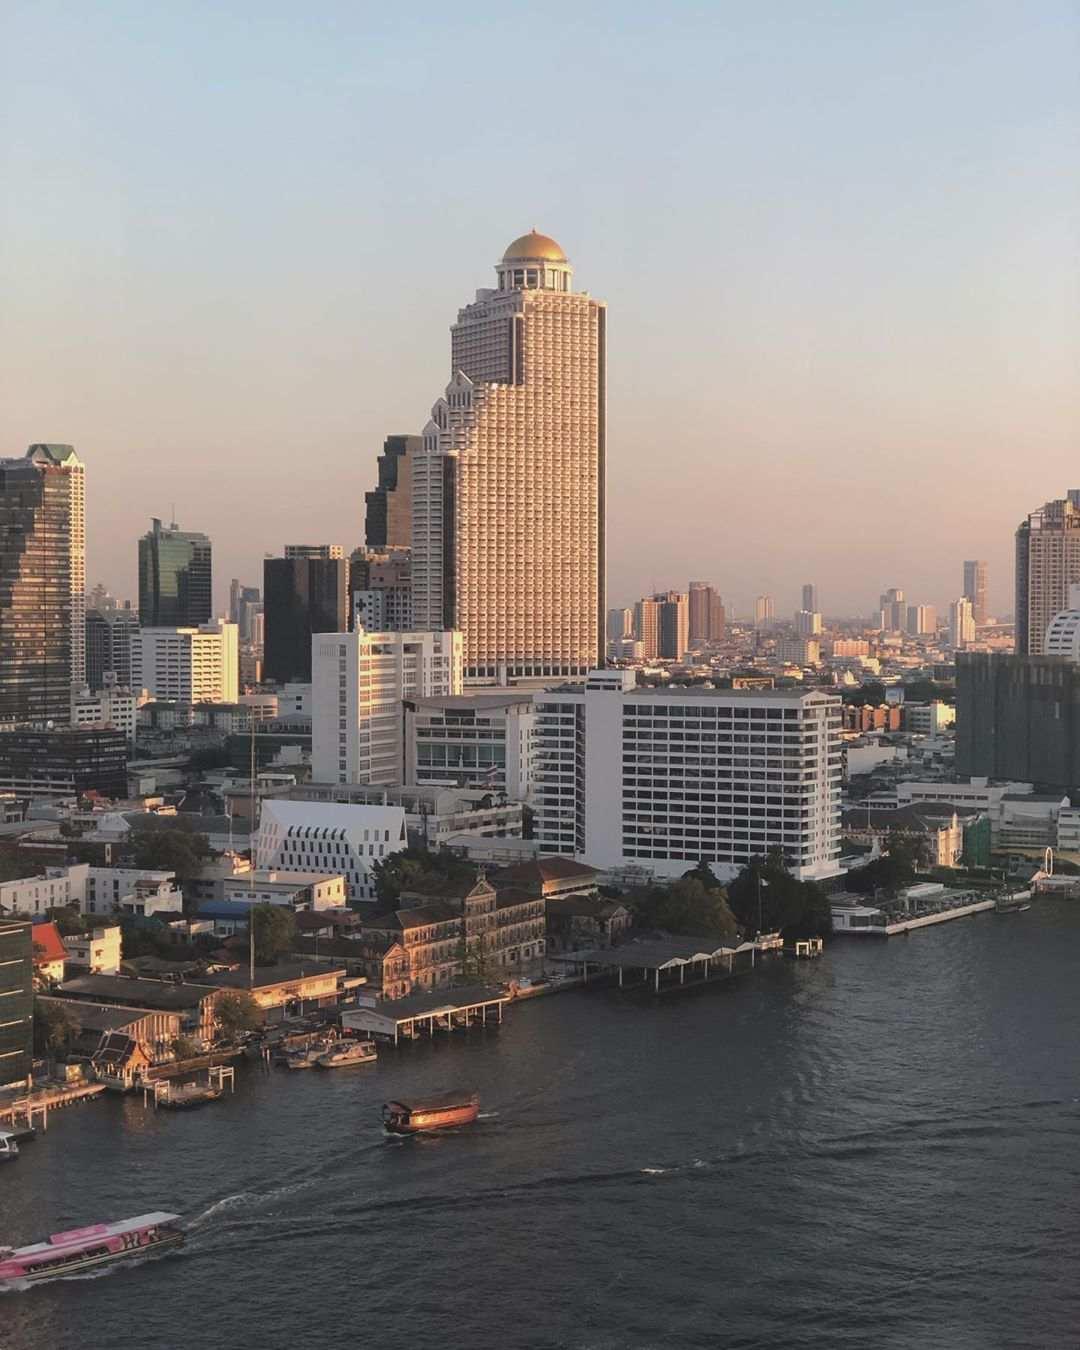 Uitzicht over de Chao Phraya rivier in Bangkok ThreeSixty Jazz Lounge and Rooftop Bar (Millennium Hilton Bangkok) met Lebua op de achtegrond